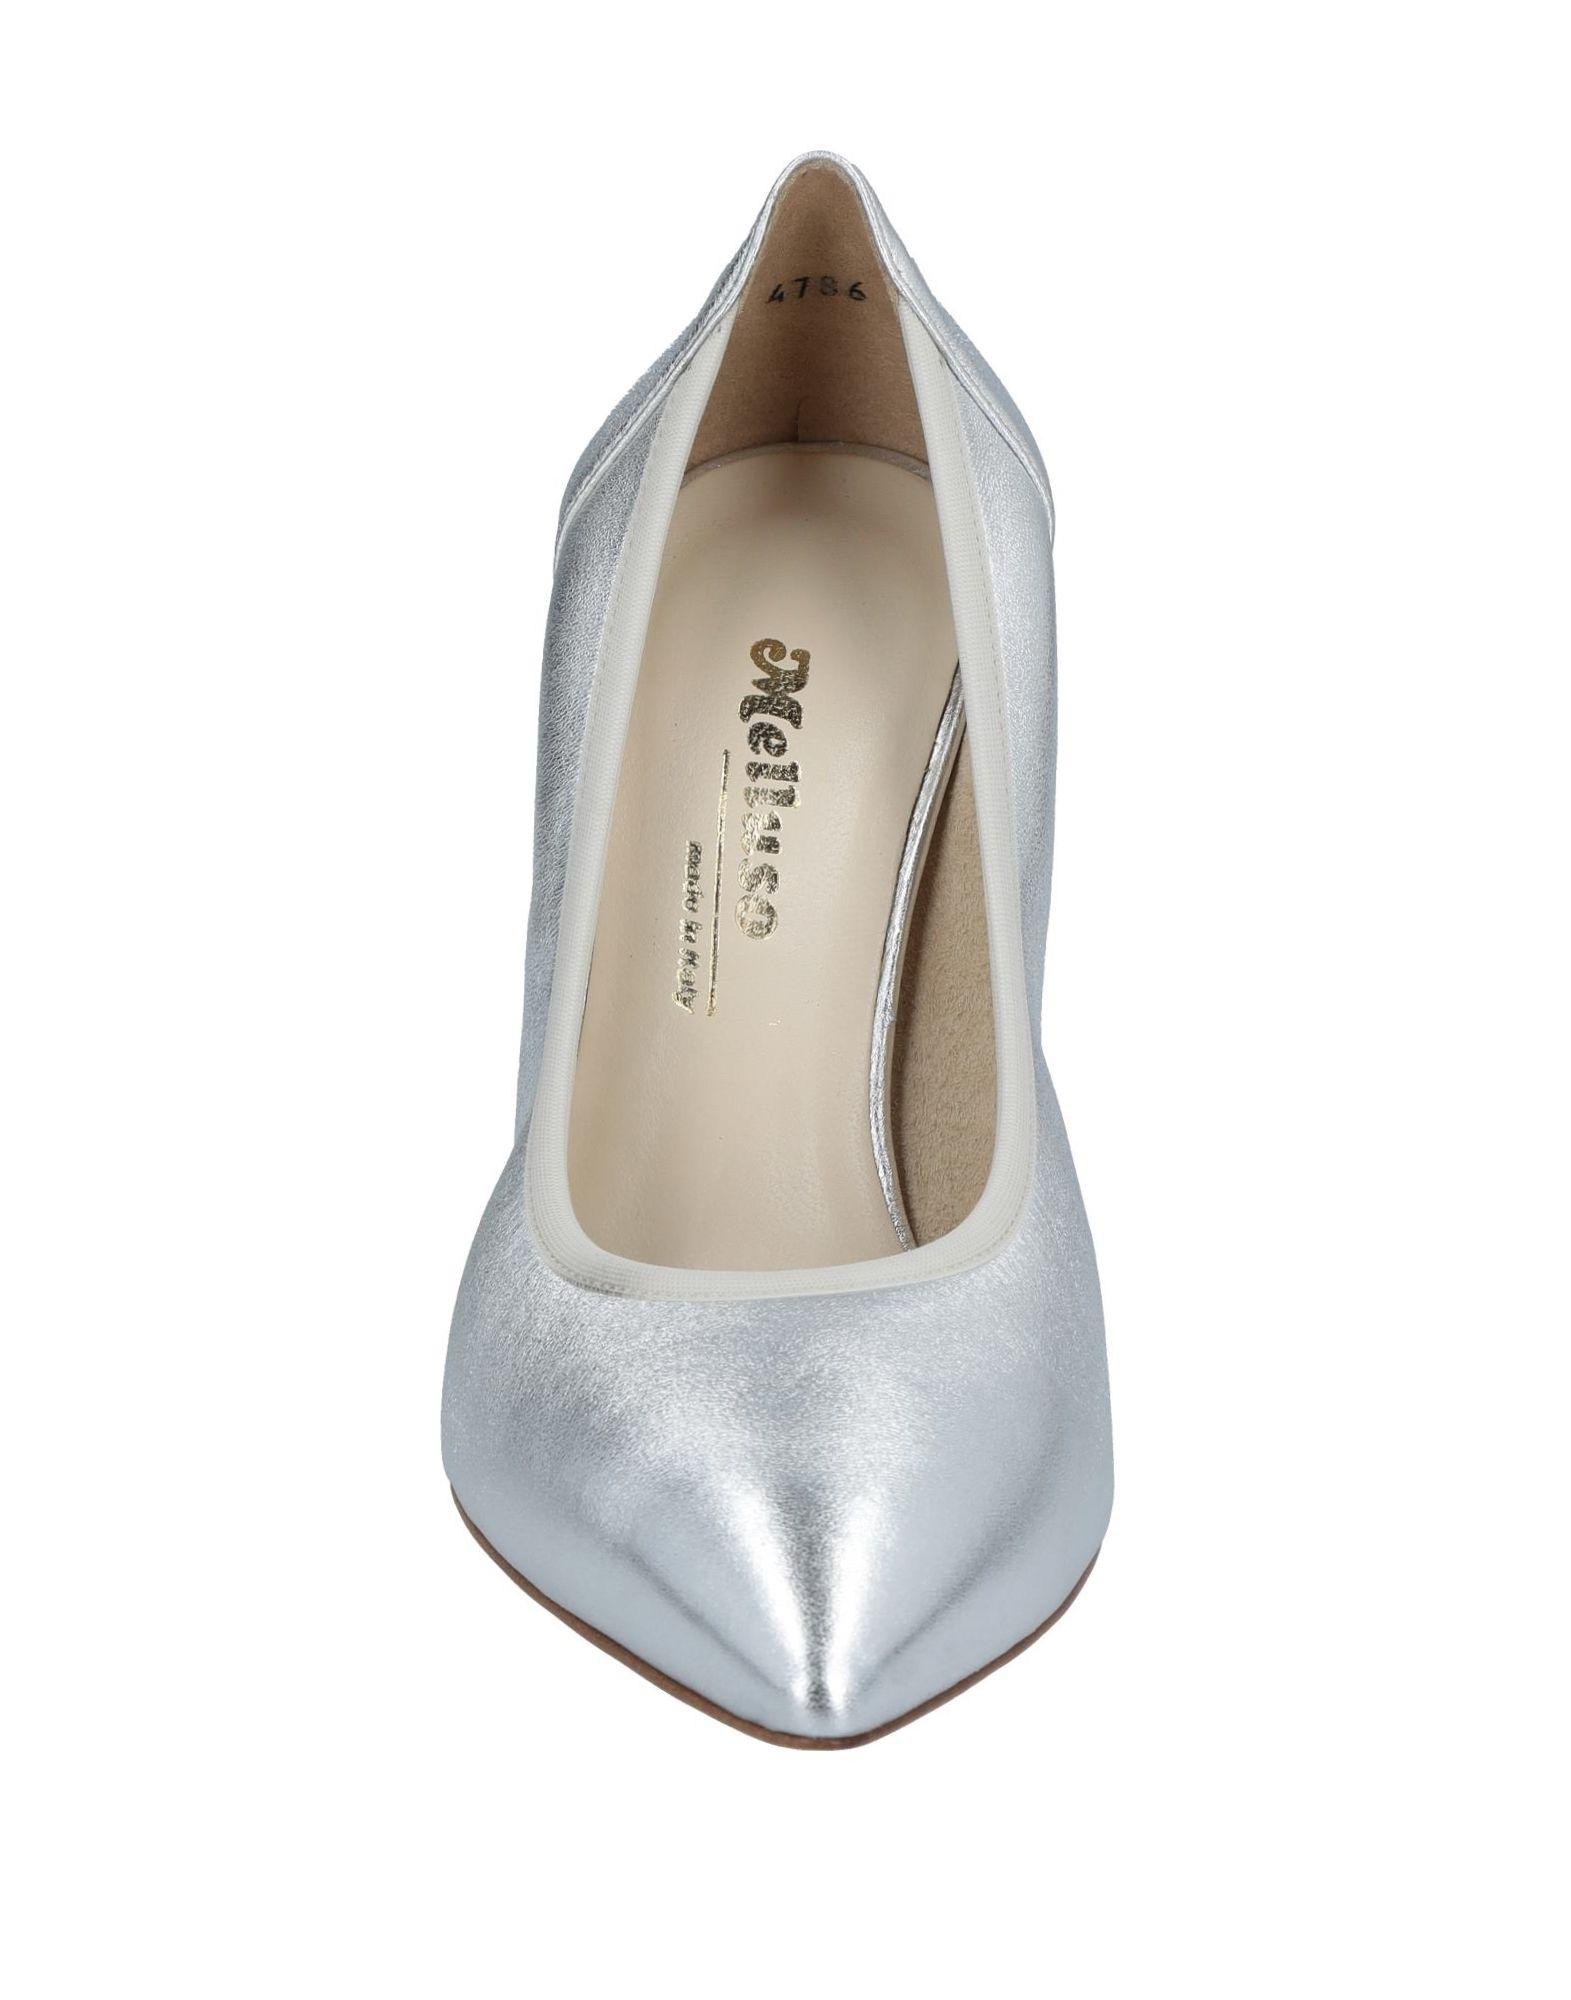 Melluso Pumps Damen Schuhe  11535030OA Gute Qualität beliebte Schuhe Damen 7fd417